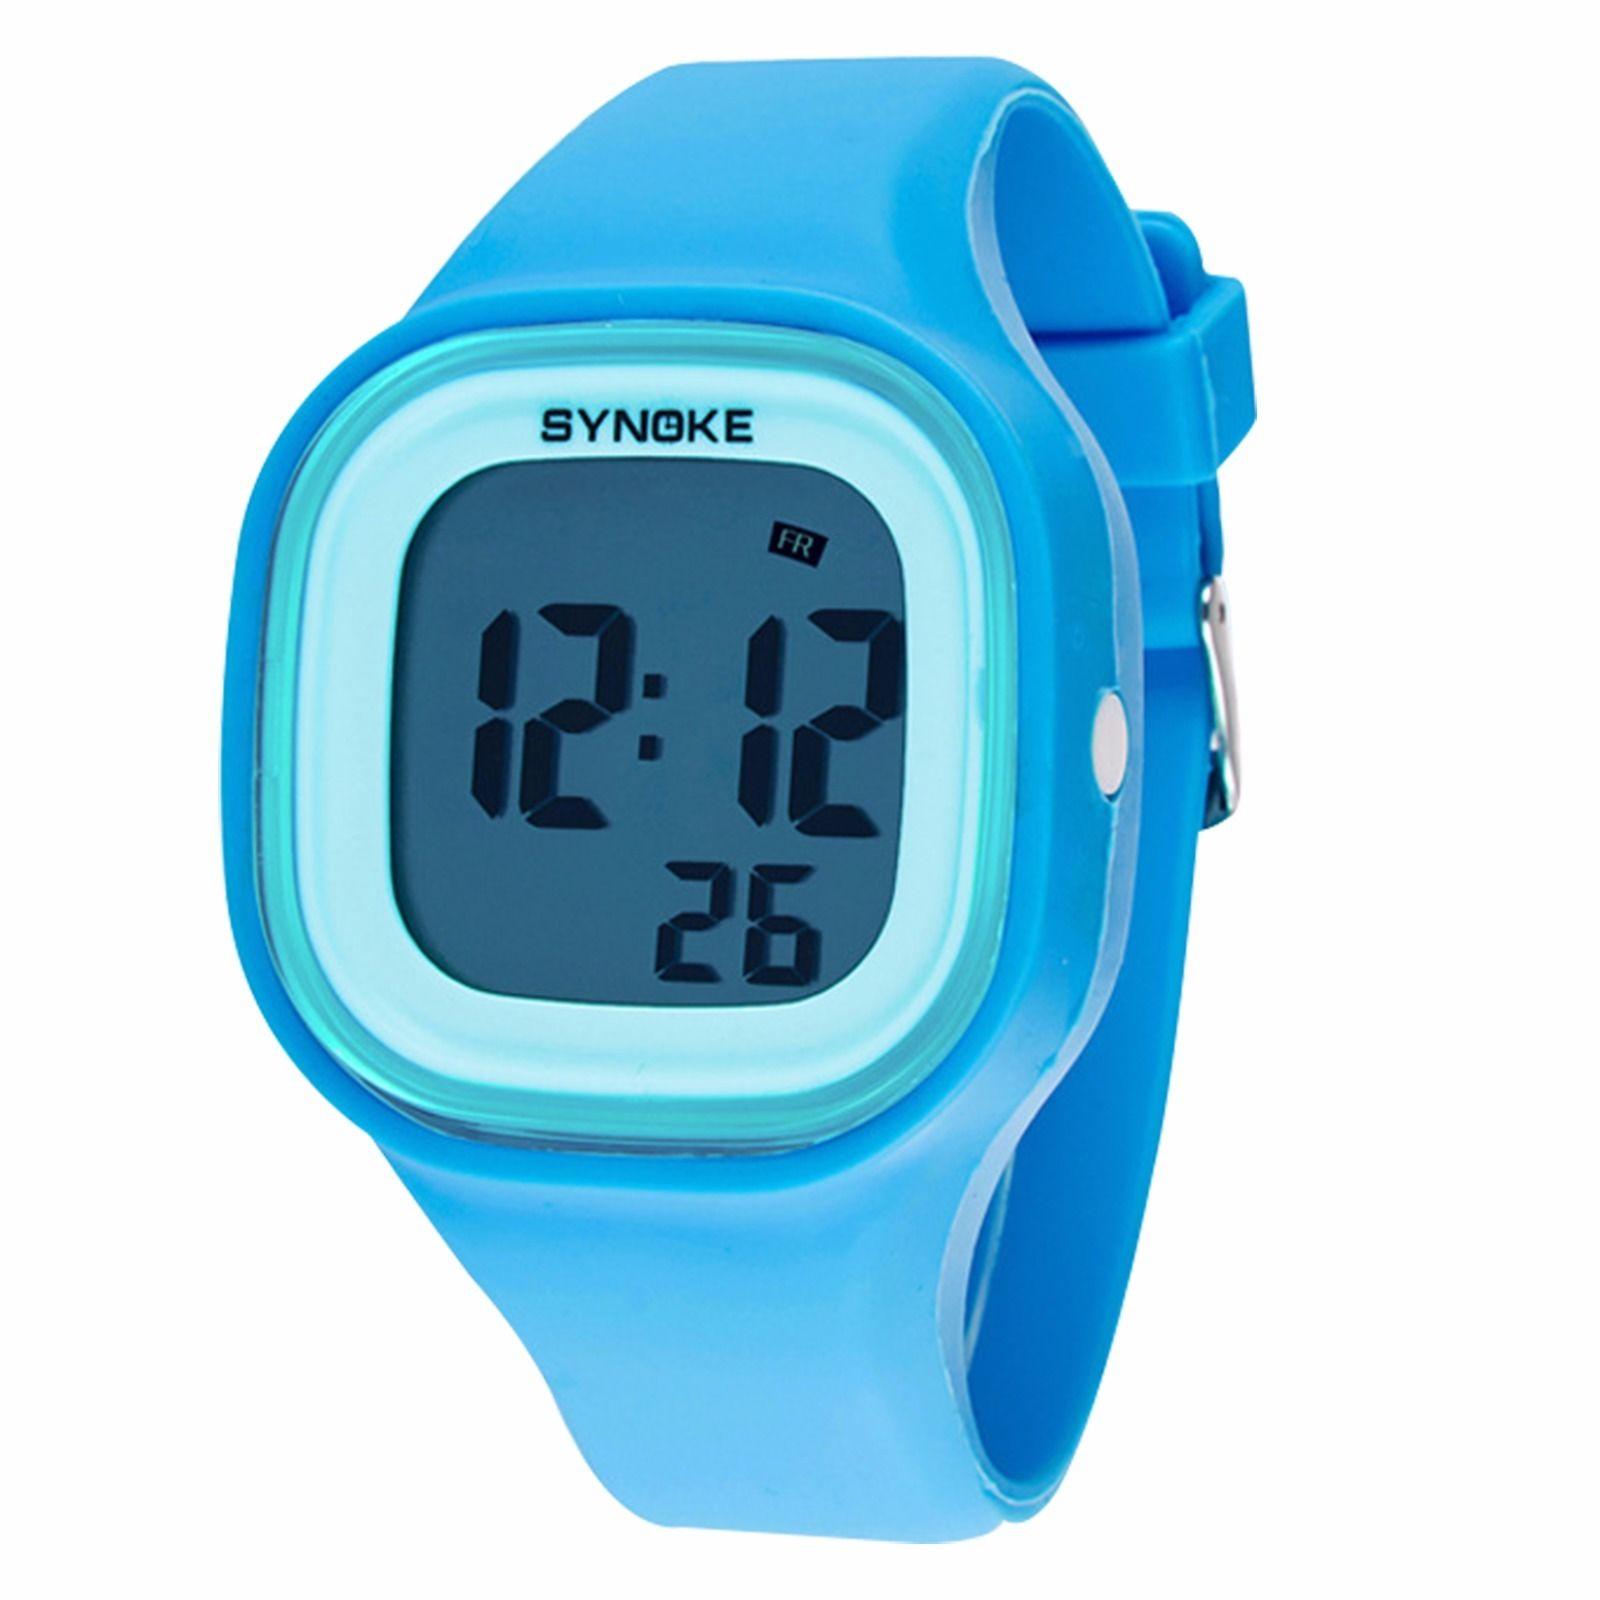 Силиконовые LED часы SHORS SH-689 голубыеСпортивные LED часы<br>Электронные LED часы поддерживают функцию отображения даты и недели. Водонепроницаемость  30м. Подходят, как для женщин, так и для мужчин